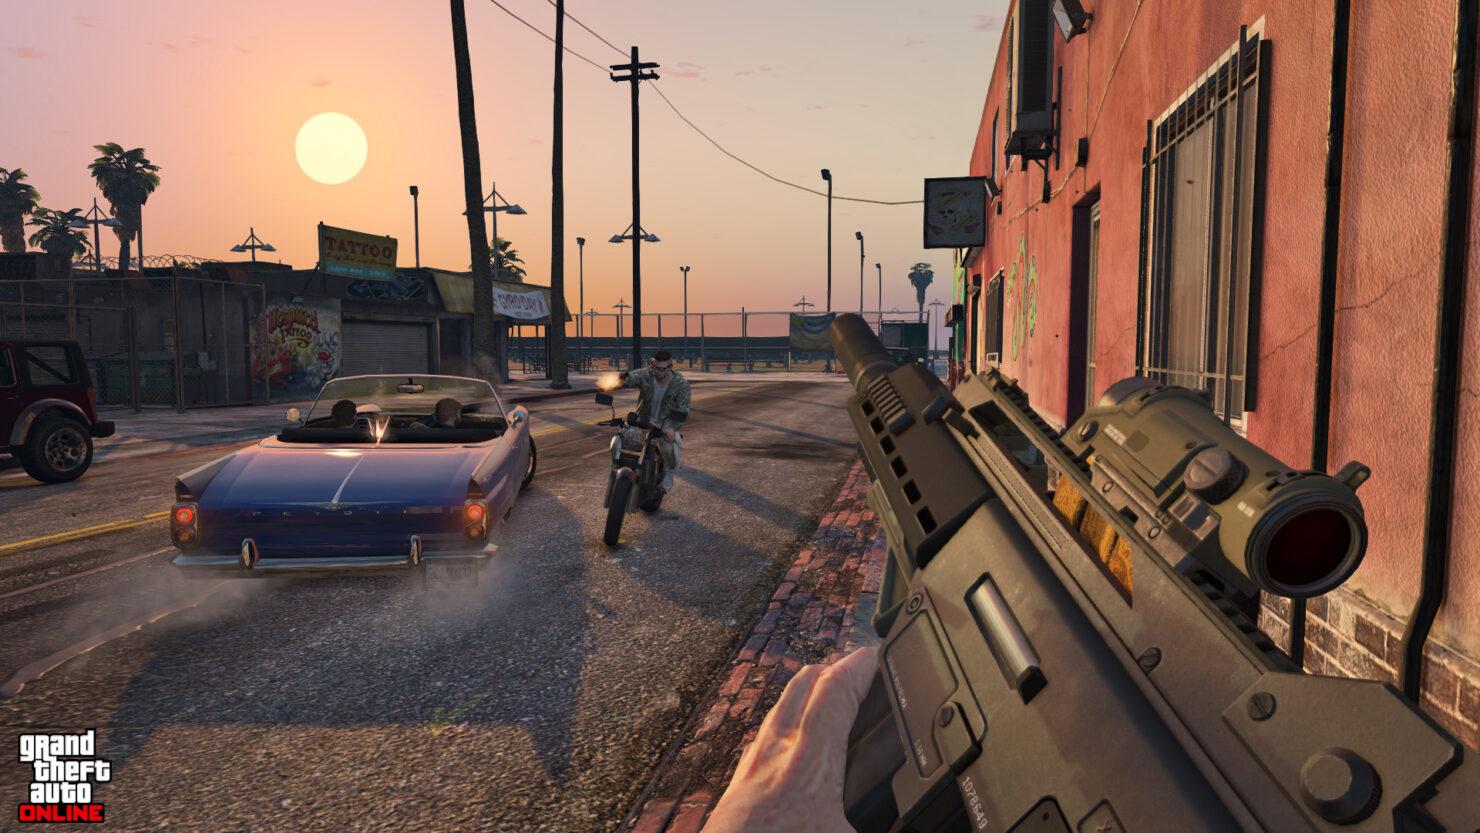 grand-theft-auto-online-6